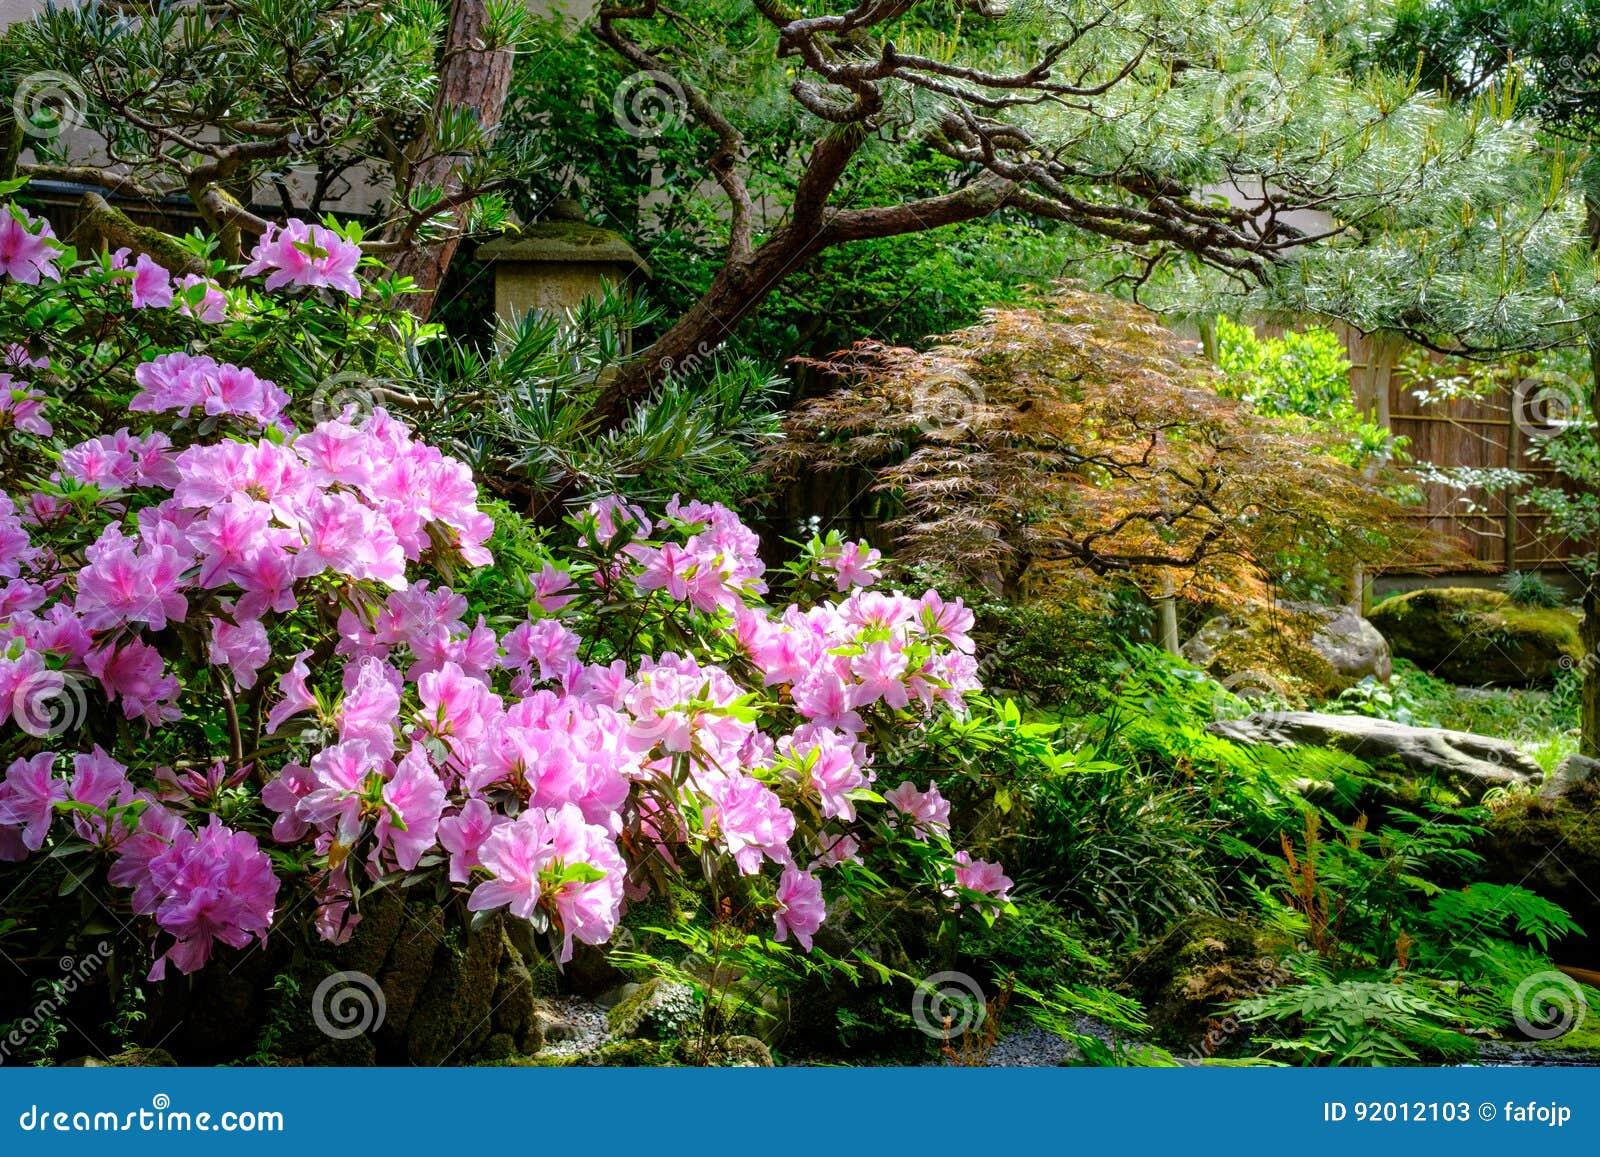 Blumen Und Bäume In Einem Japanischen Garten Stockbild Bild Von